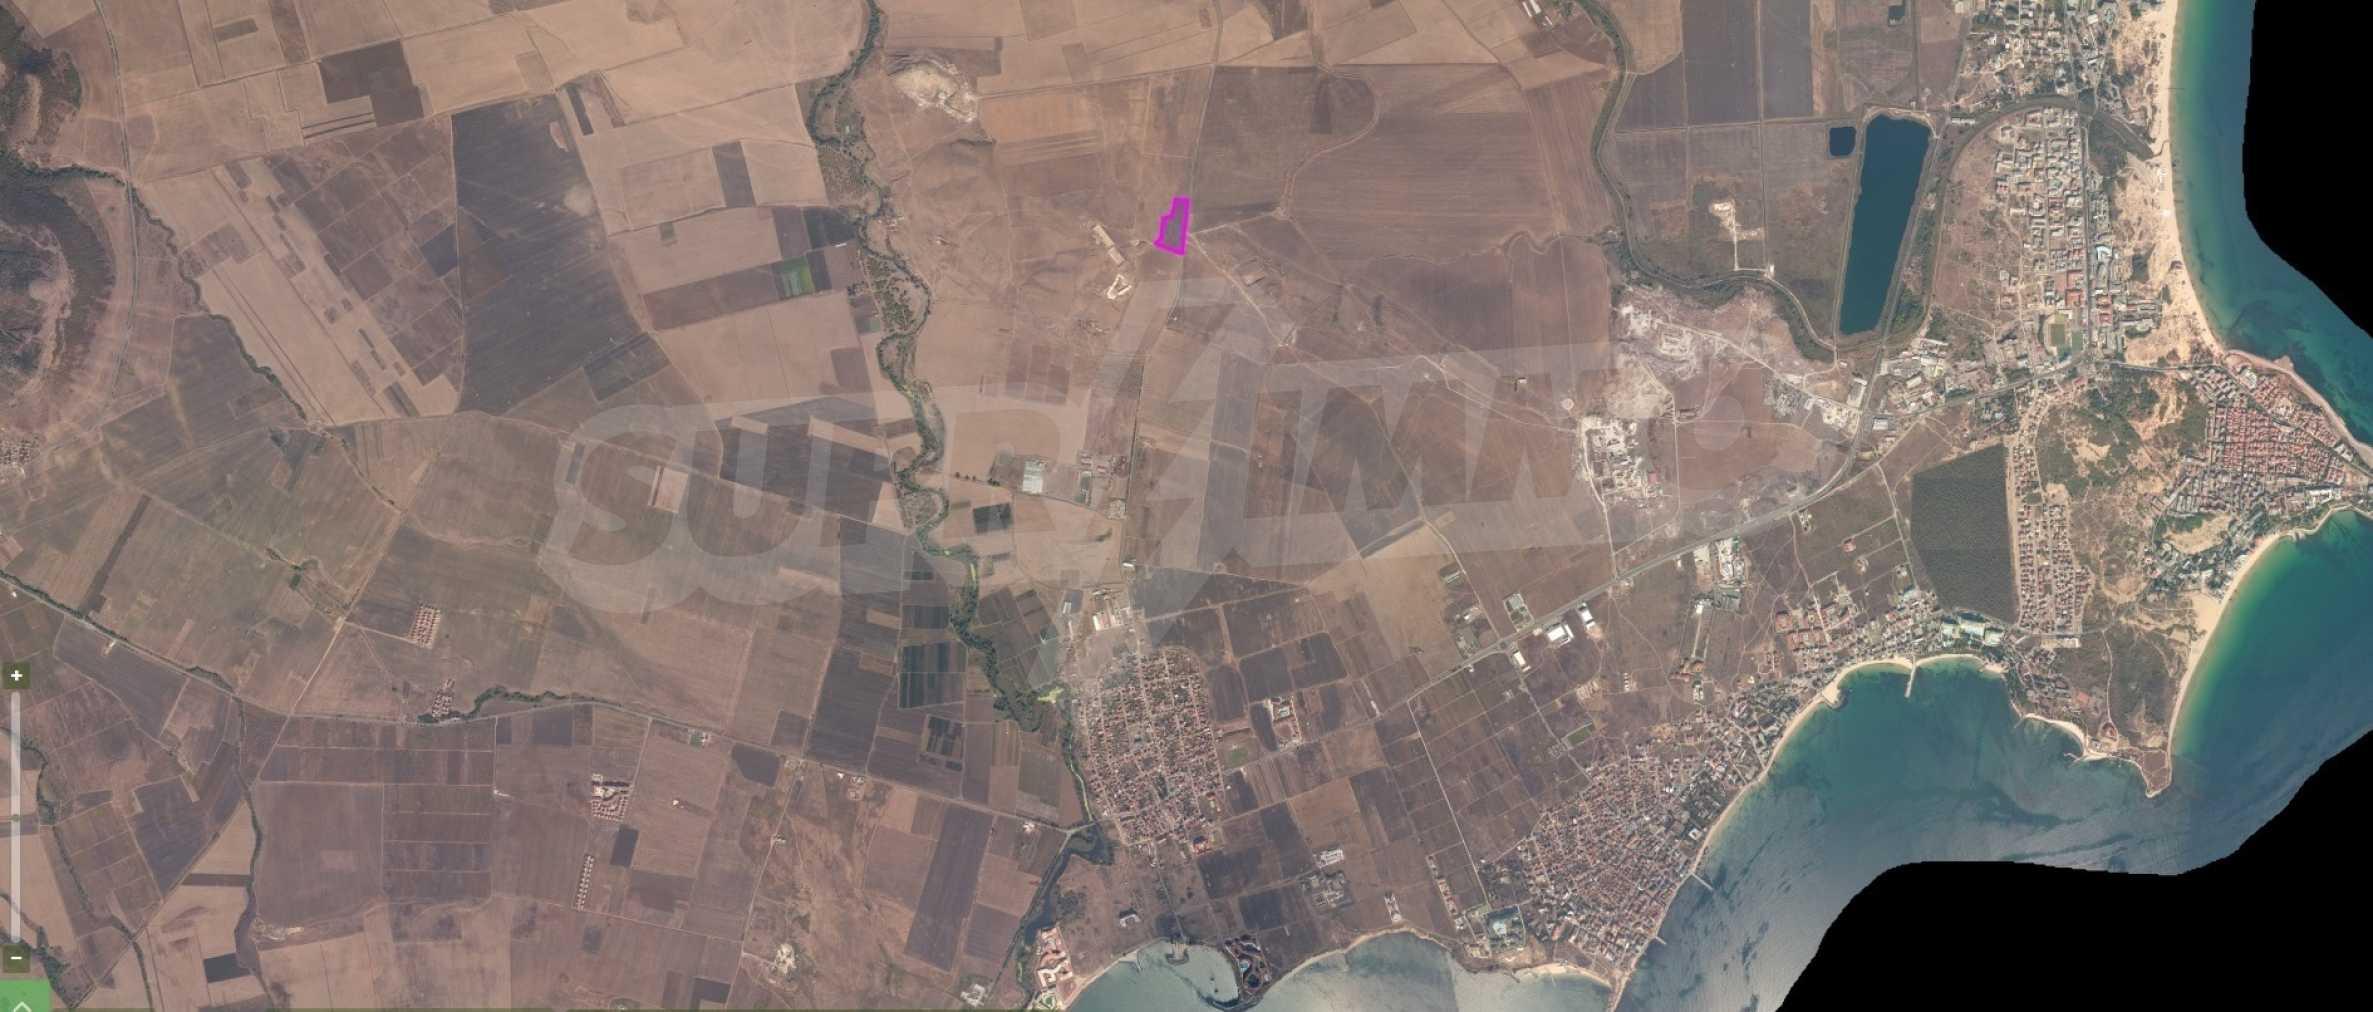 Парцел за инвестиция до исторически комплекс Ахелой 917, на няколко км от Слънчев бряг, до Тънково и Ахелой 3